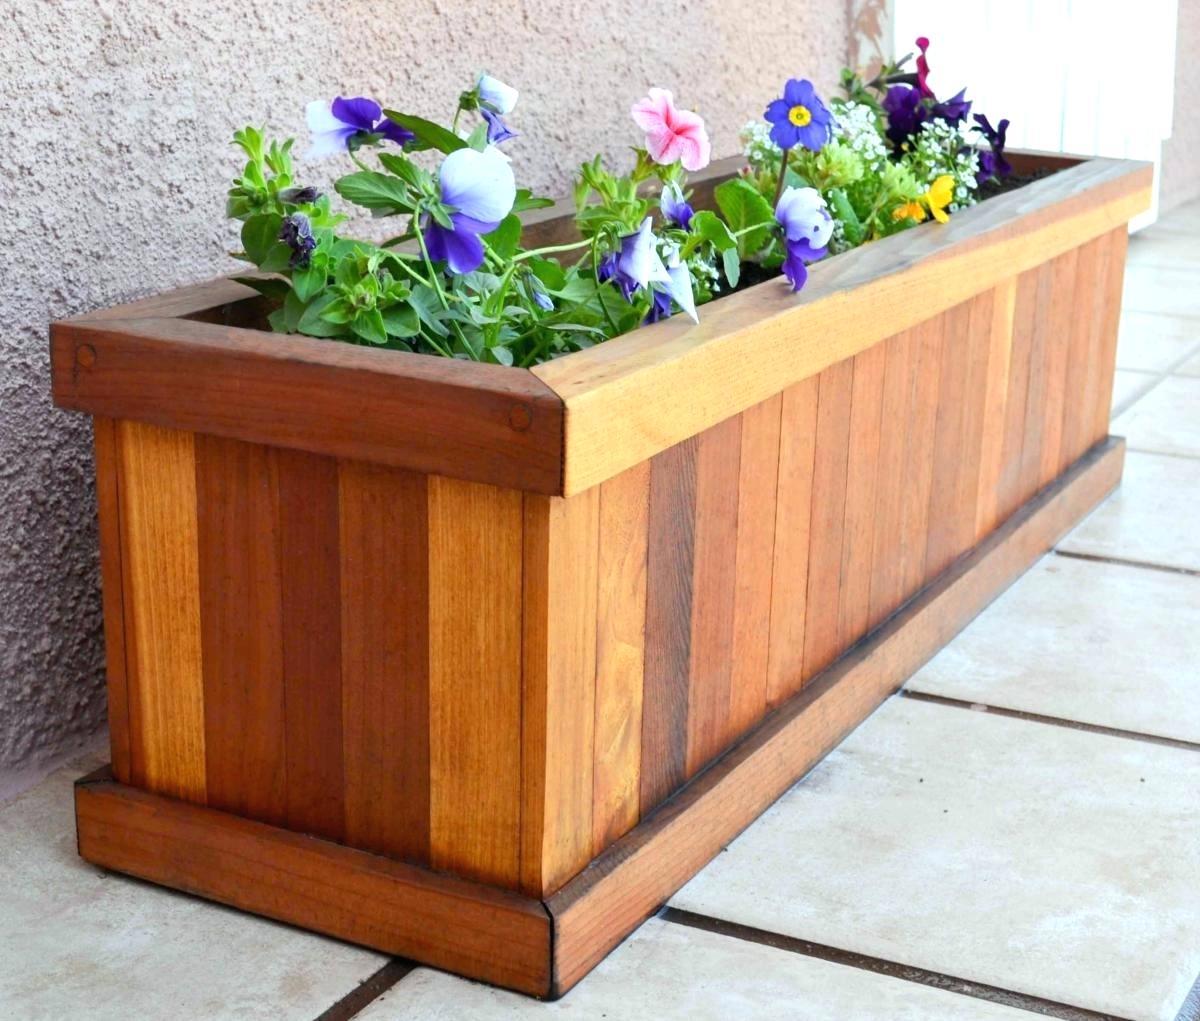 Window Box Planter Ideas: Build Pallet Planter Boxes